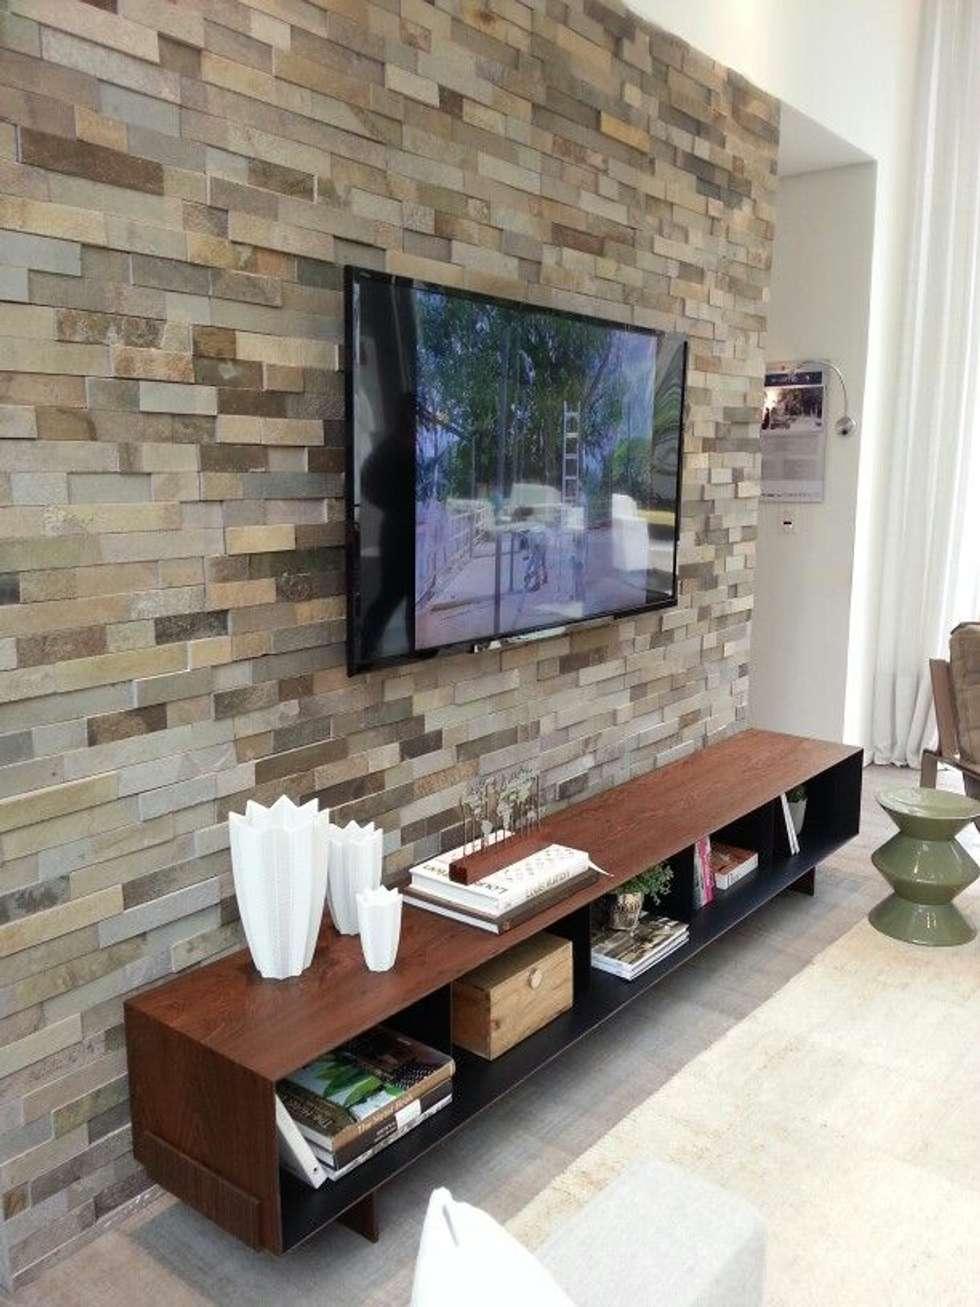 18 Revestimentos De Pedra Lindos Para A Decora O Da Casa -> Parede Da Sala Com Filetes